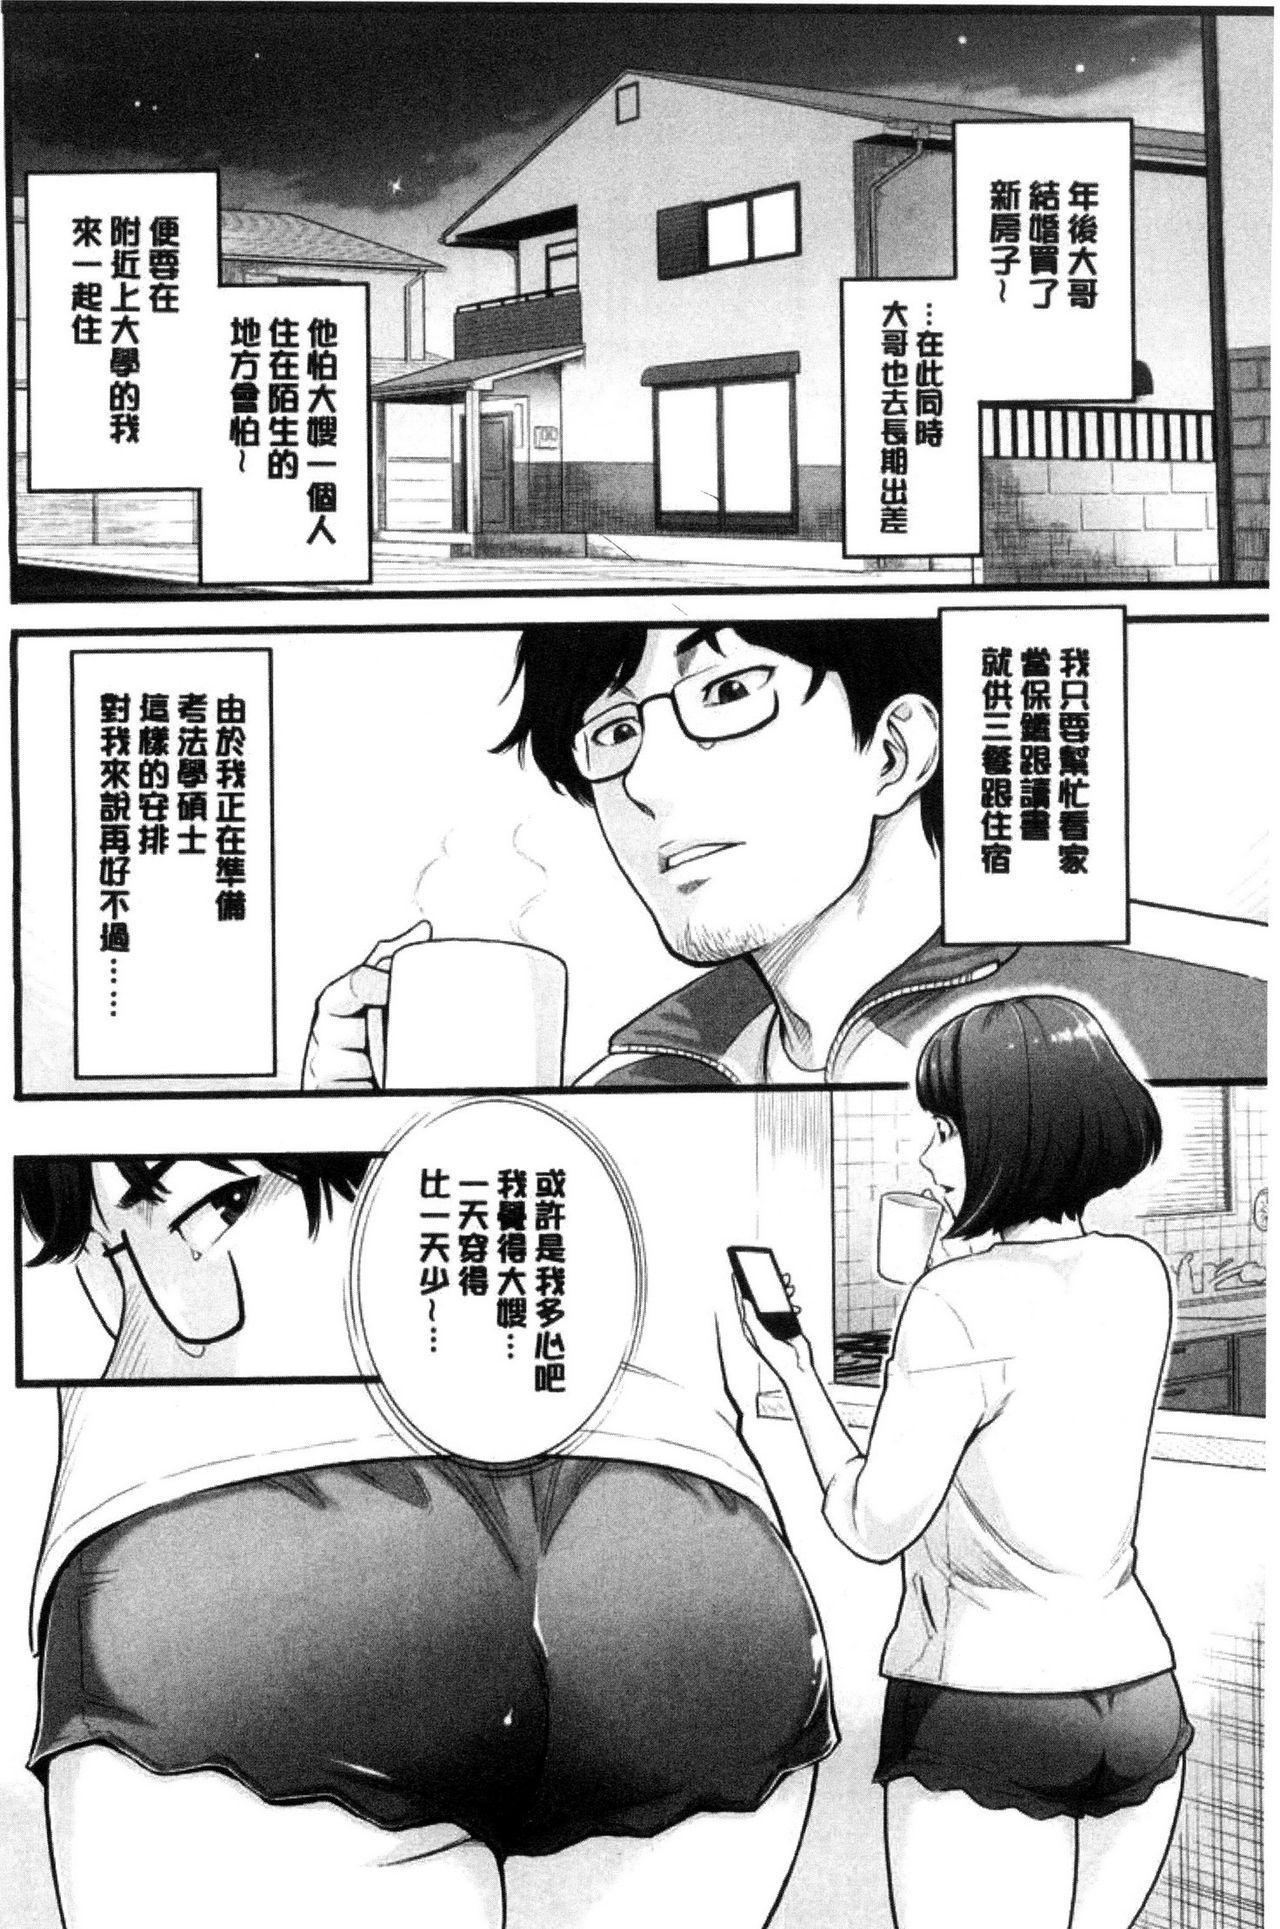 Kanojo no Mesugao - She has a indecent face   彼女的雌顏 119